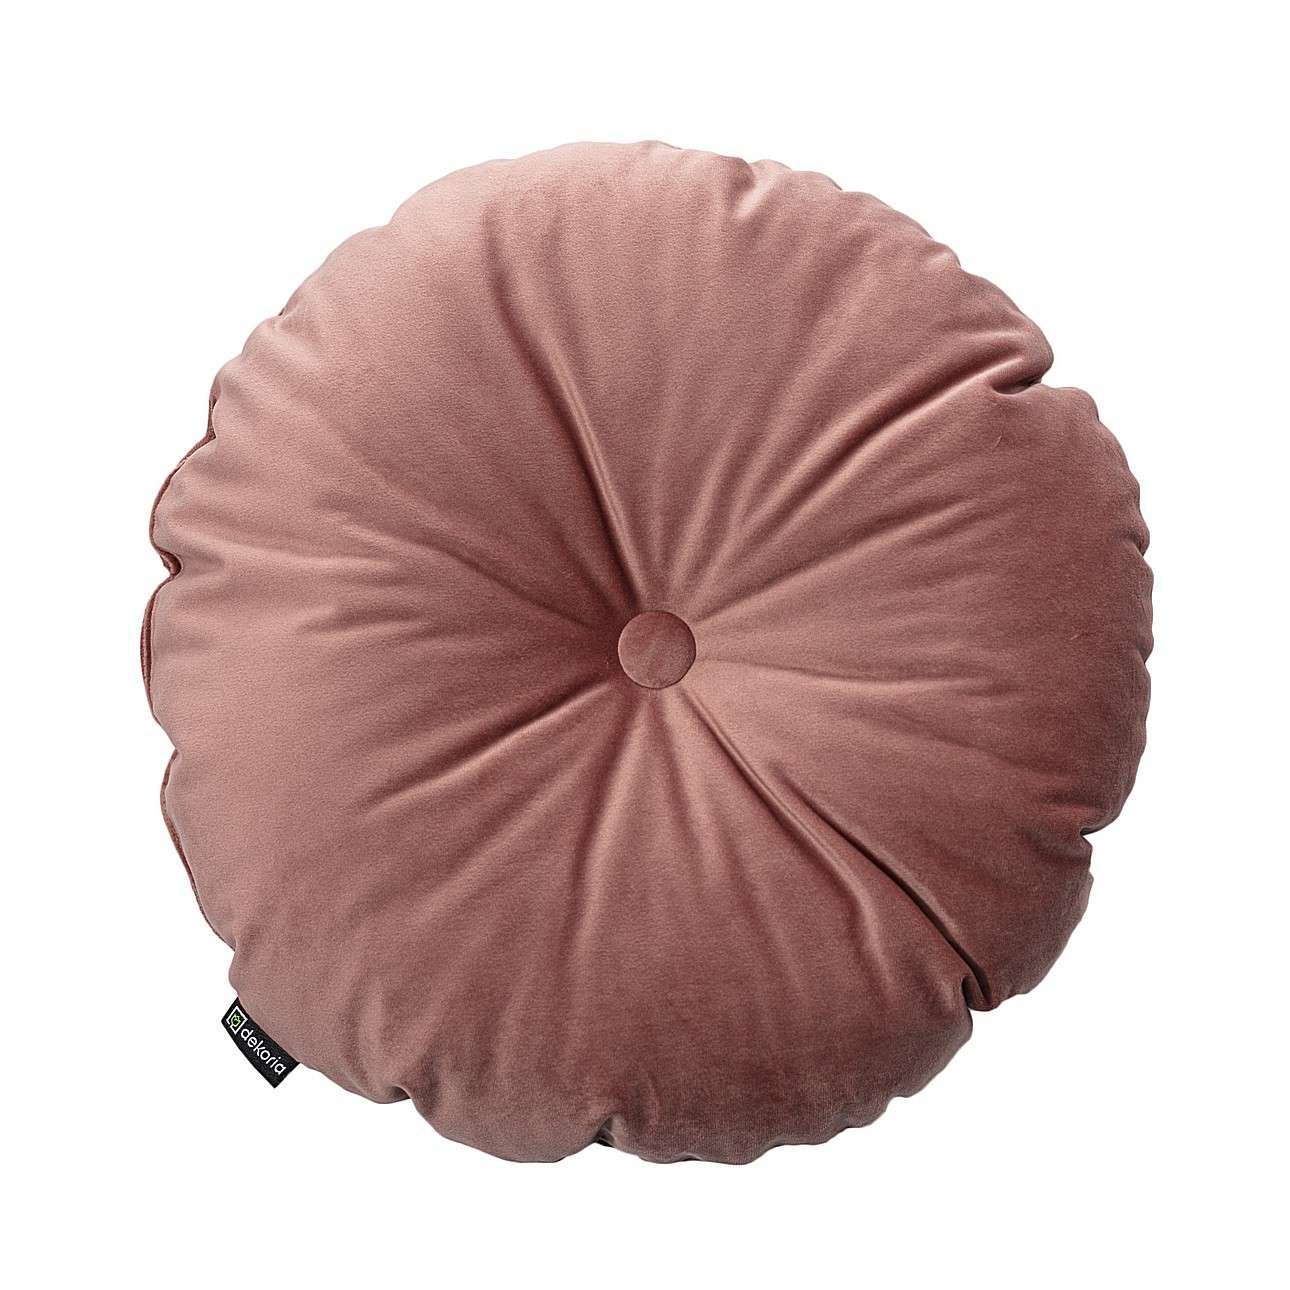 Sametový polštář Velvet kulatý s knoflíkem v kolekci Velvet, látka: 704-30